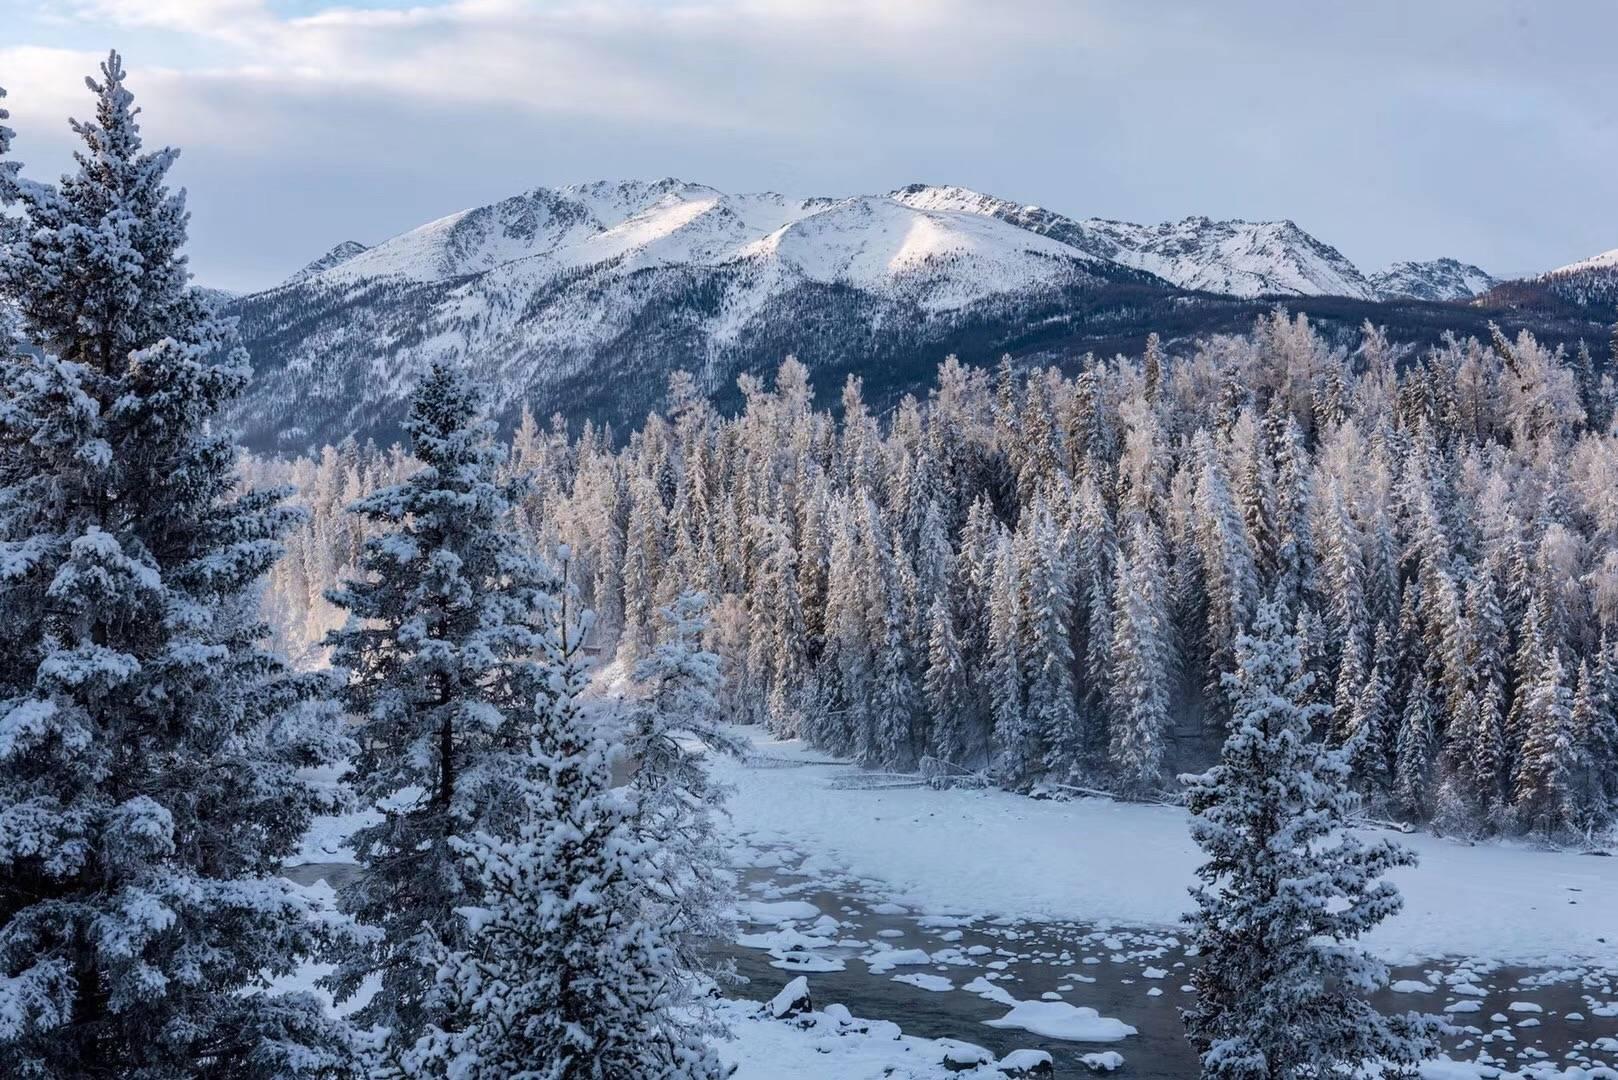 冬游北疆冰火8日之旅 喀纳斯 禾木 魔鬼城 独山子大峡谷